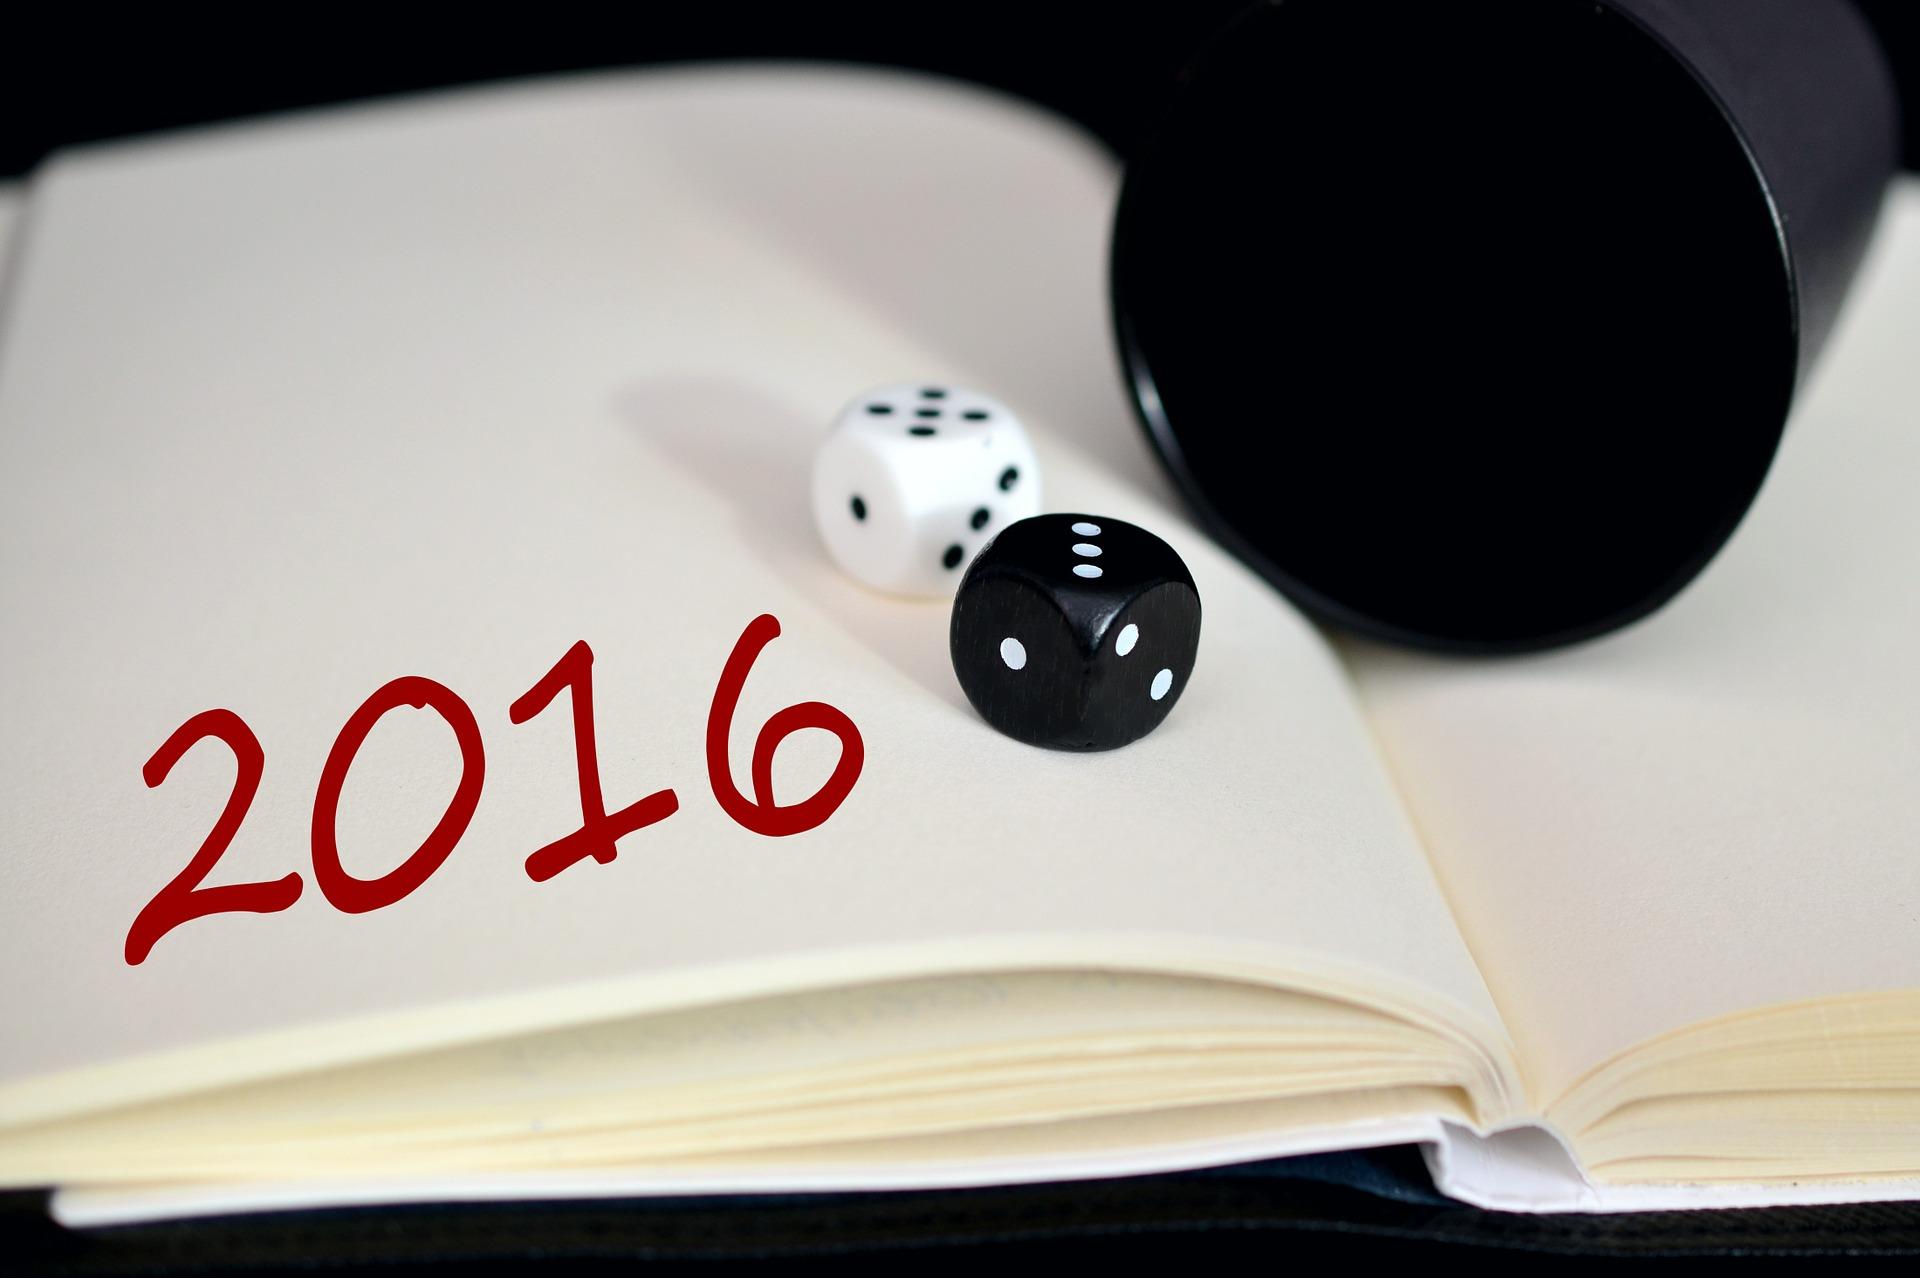 Ce se poartă în 2016? 3 idei pentru a-ți merge bine tot anul!